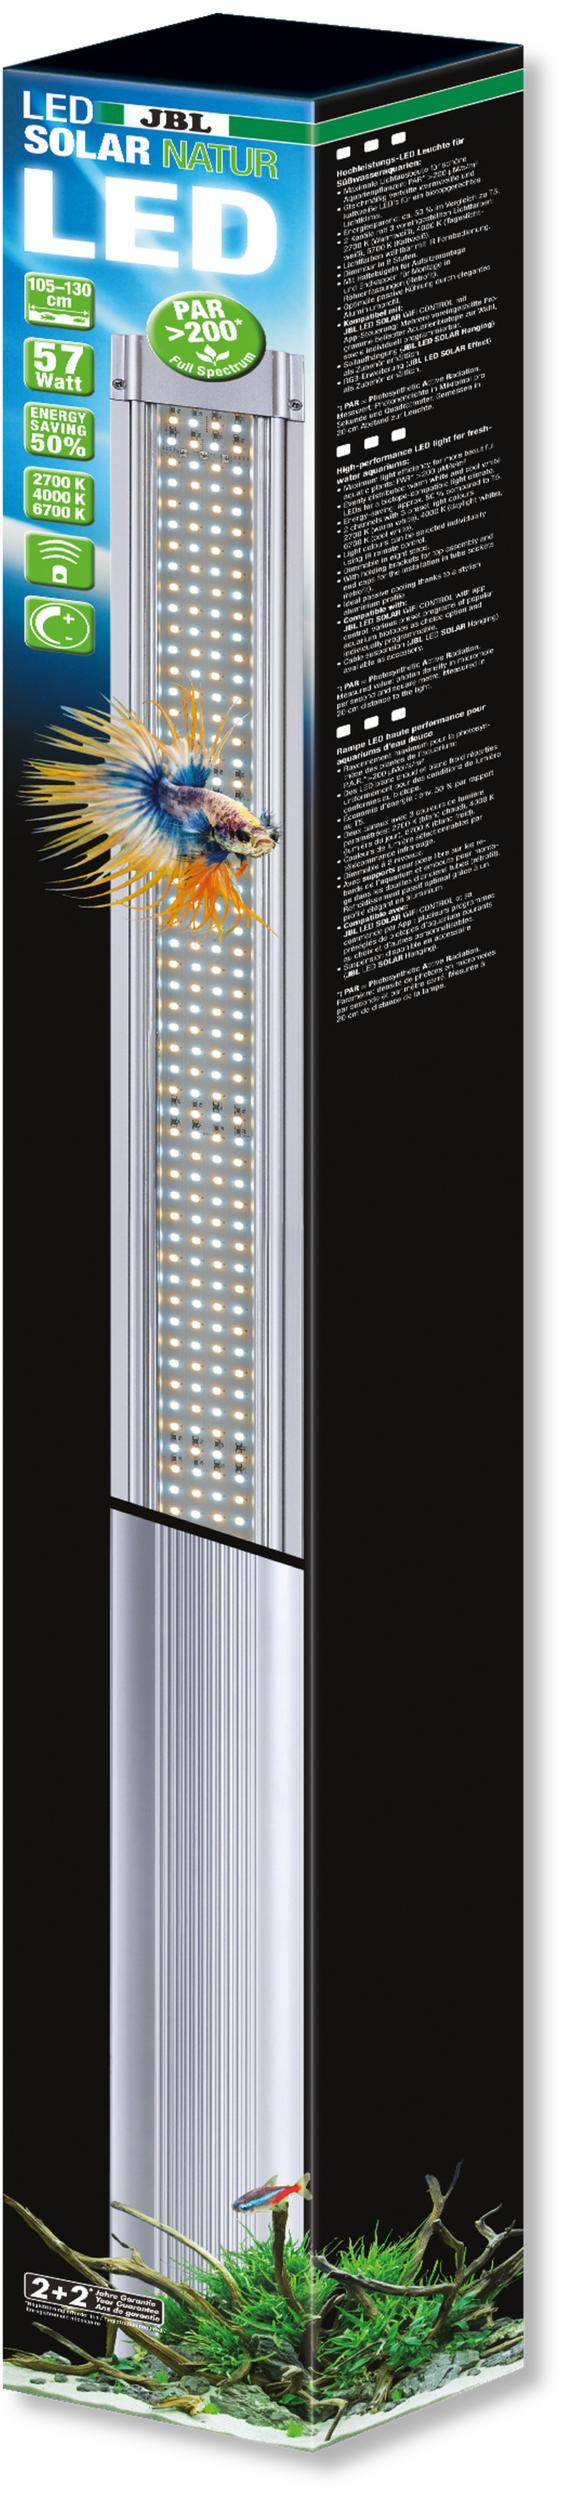 JBL LED Solar Natur 57W rampe aquarium Eau douce de 105 à 130 cm ou remplace tube T5 et T8